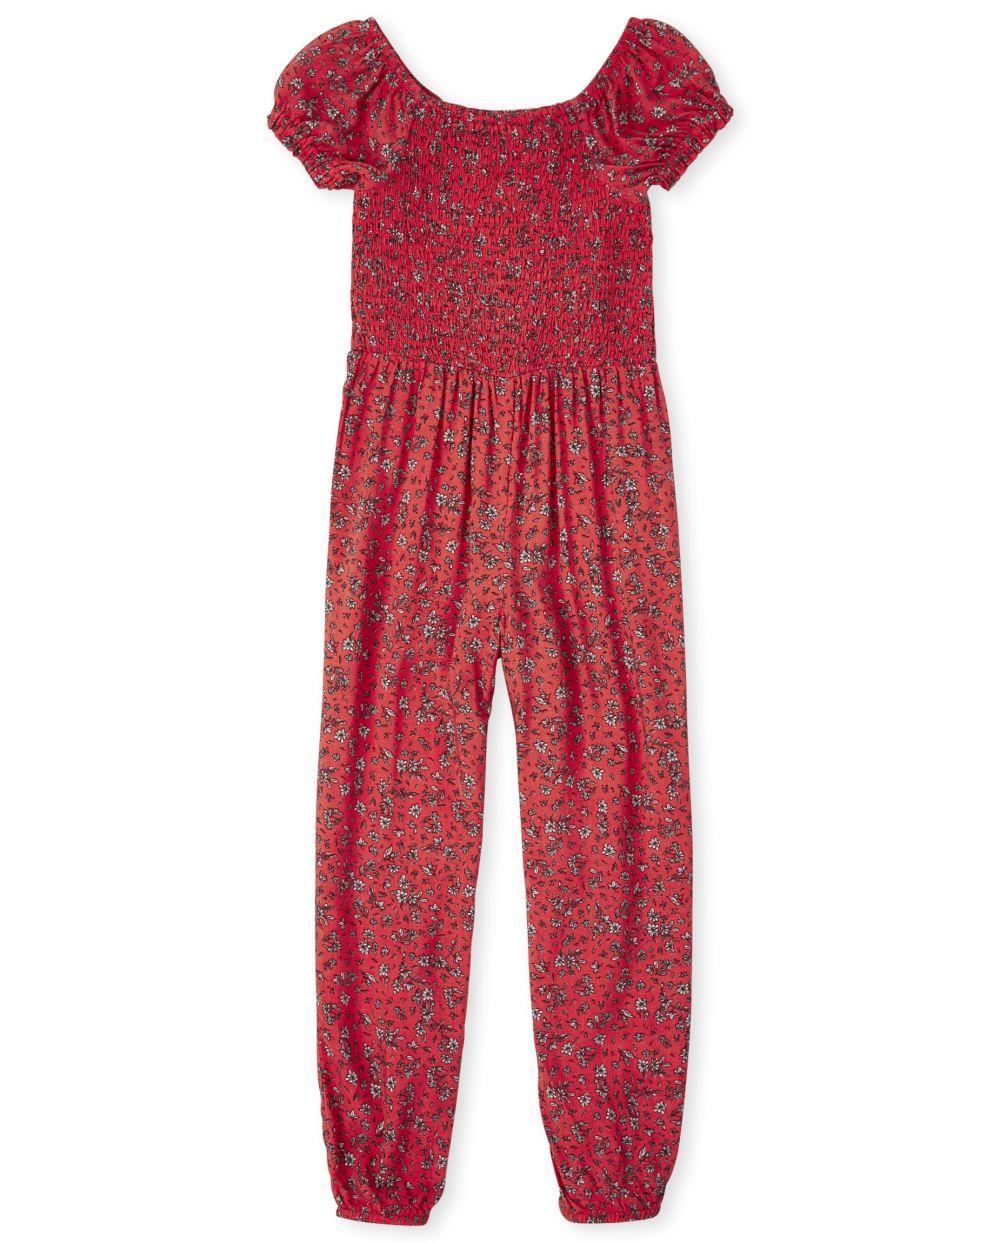 Girls Smocked Floral Print Jumpsuit